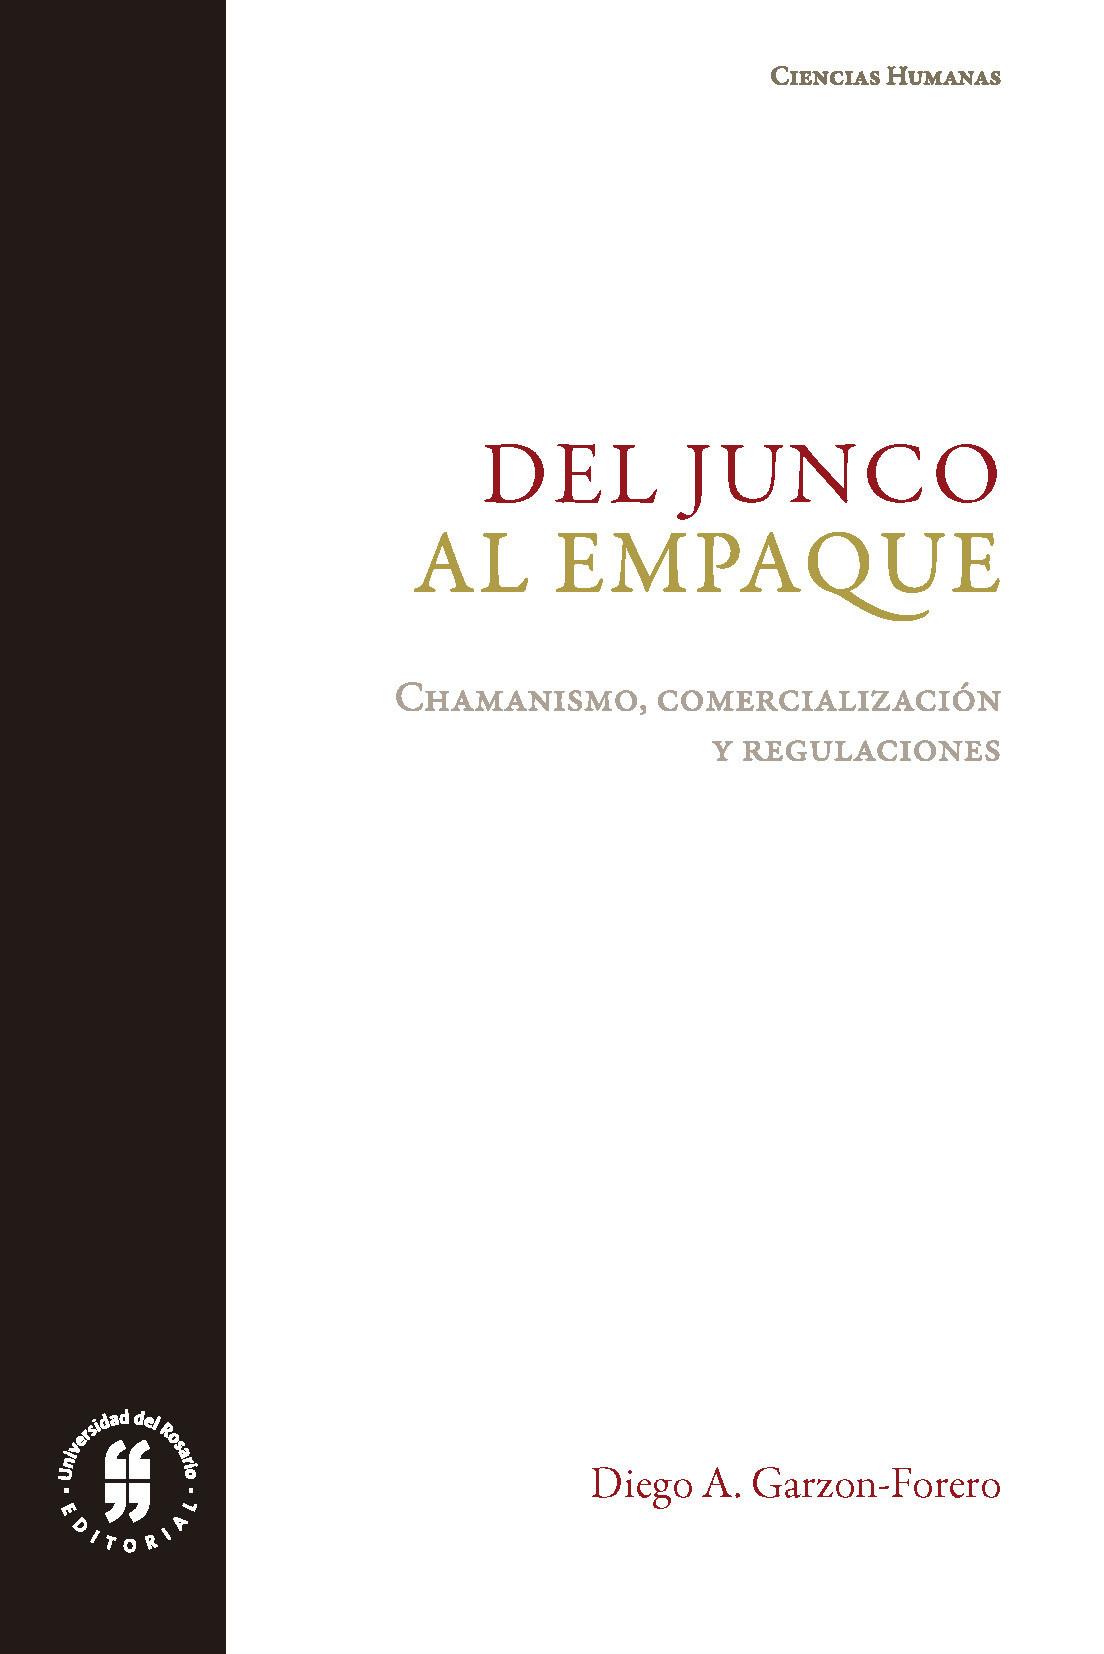 Del junco al empaque. Chamanismo, comercialización y regulaciones: configuraciones de la medicina indígena empaquetada en el altiplano cundiboyacense